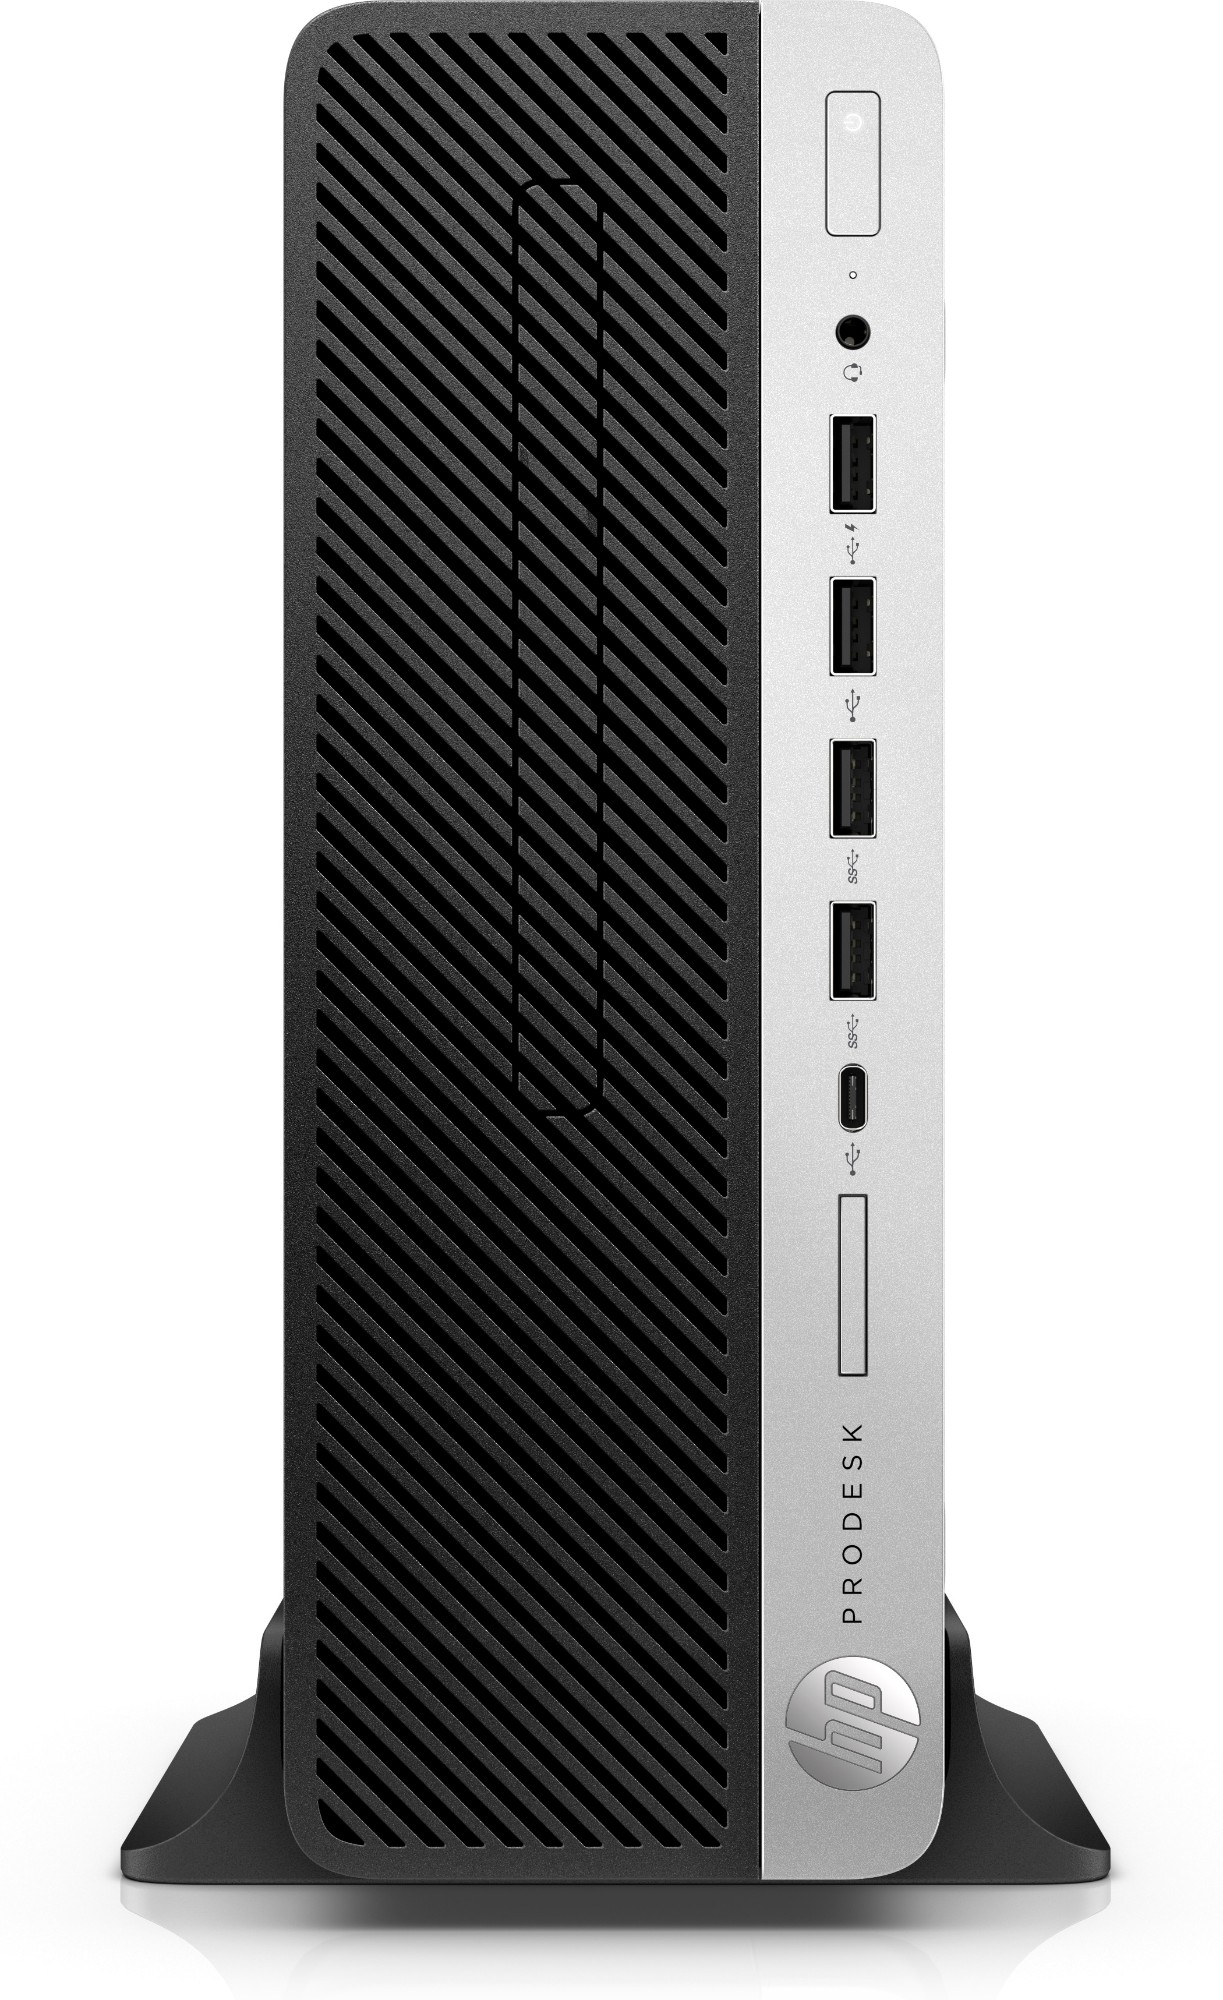 HP ProDesk 600 G4 3 GHz 8th gen Intel® Core™ i5 i5-8500 Black,Silver SFF PC